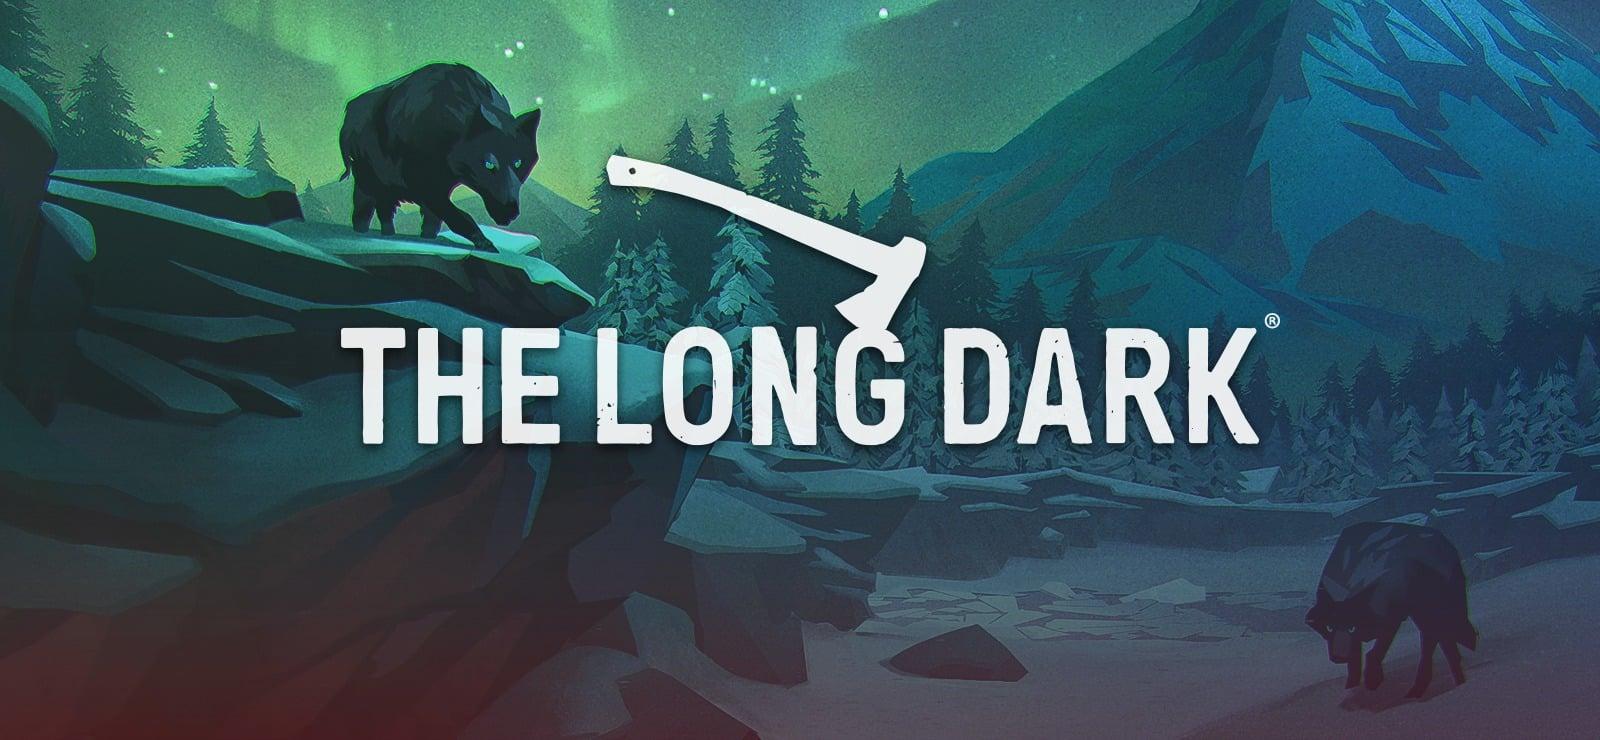 The Long Dark telecharger gratuit de PC et Torrent